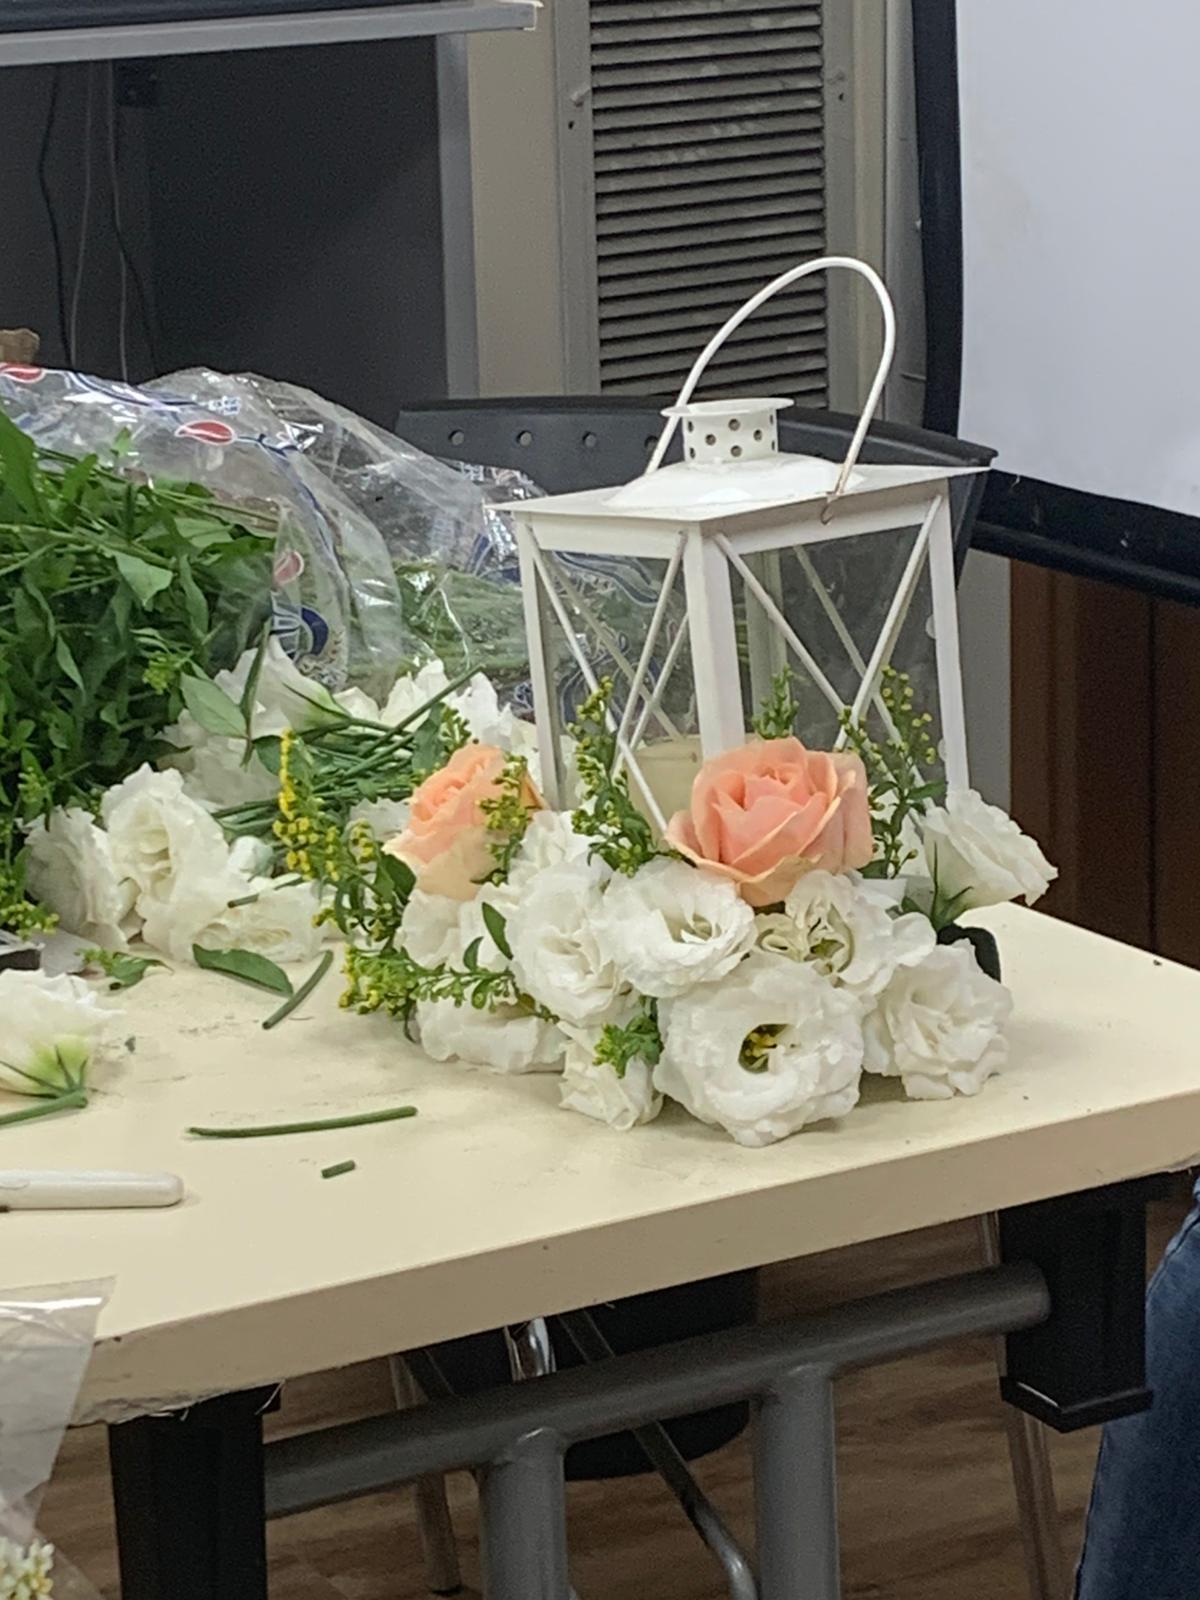 גלרייה - שיעור שזירת פרחים - קורס הפקת אירועים מחזור 24, 14 מתוך 35